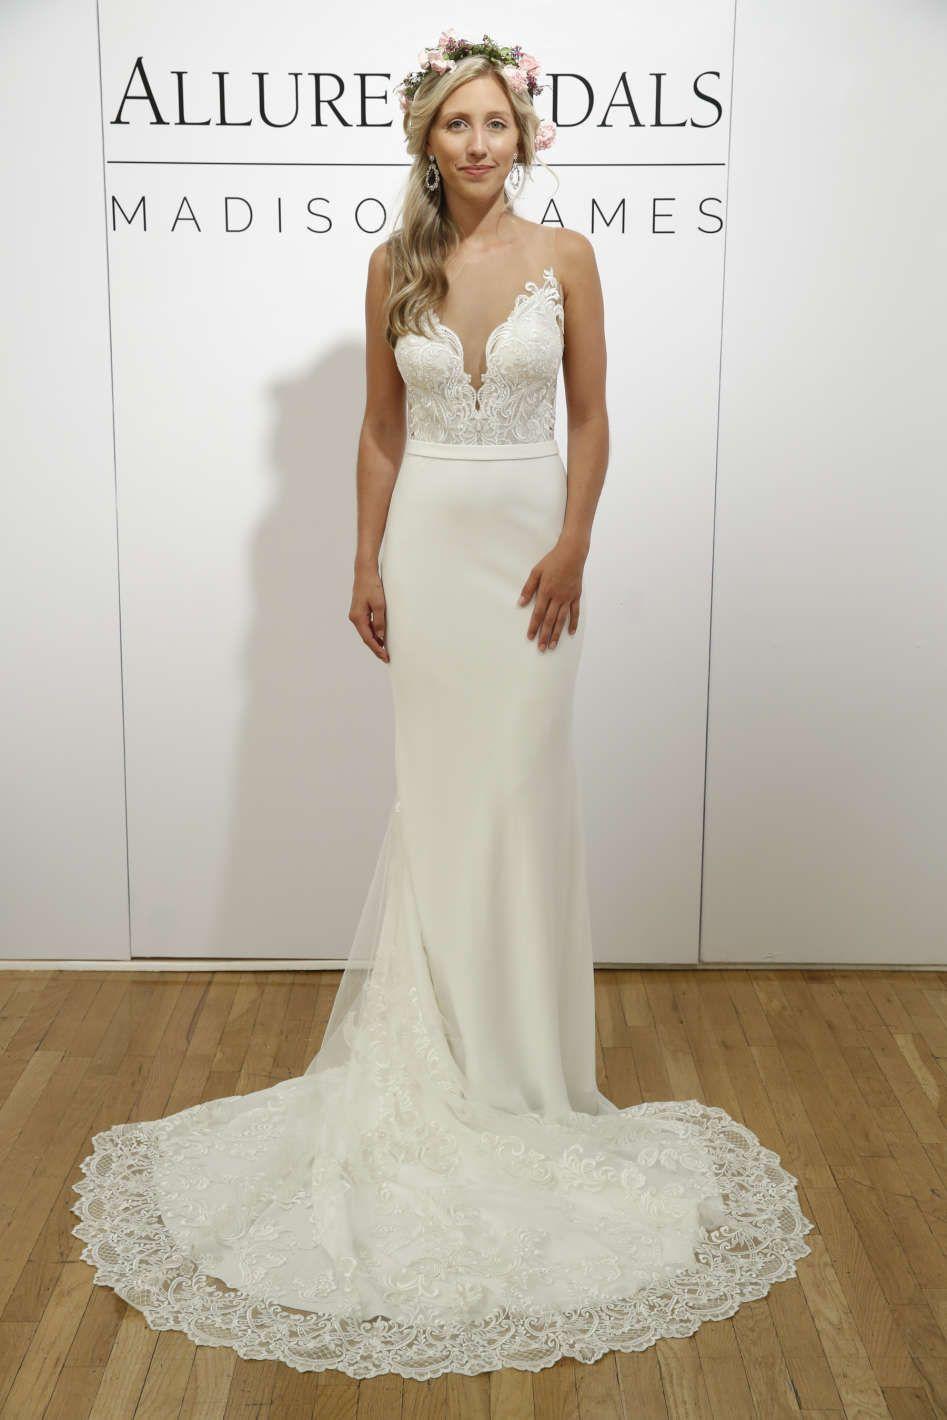 99+ Las Vegas Wedding Dresses - Cold Shoulder Dresses for Wedding ...